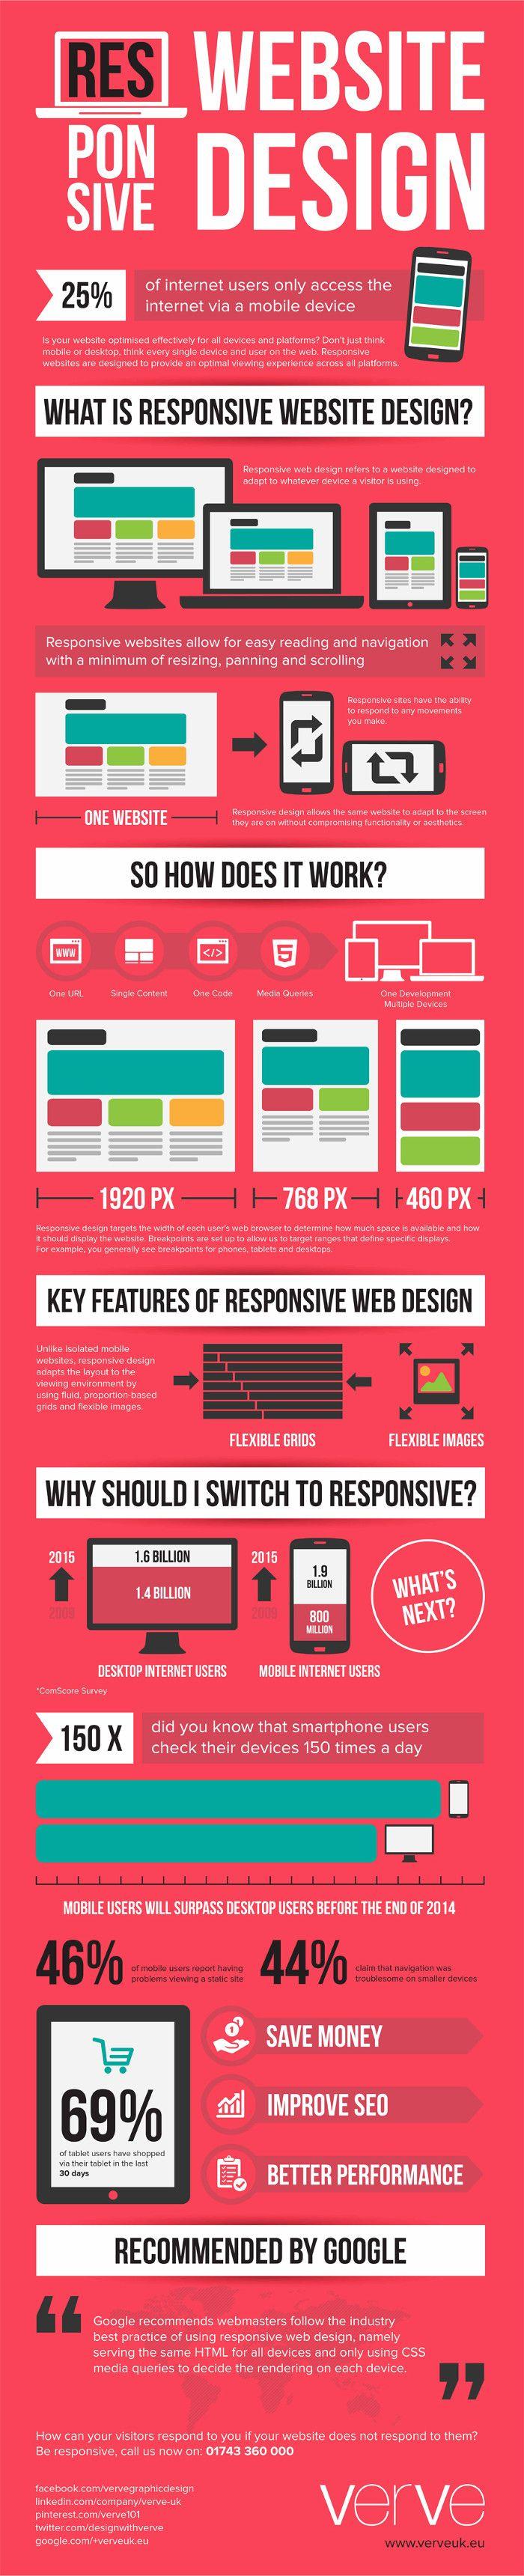 Resposive Website Design Infografik http://goto.twitt-erfolg.de/Cf78gV5Hex